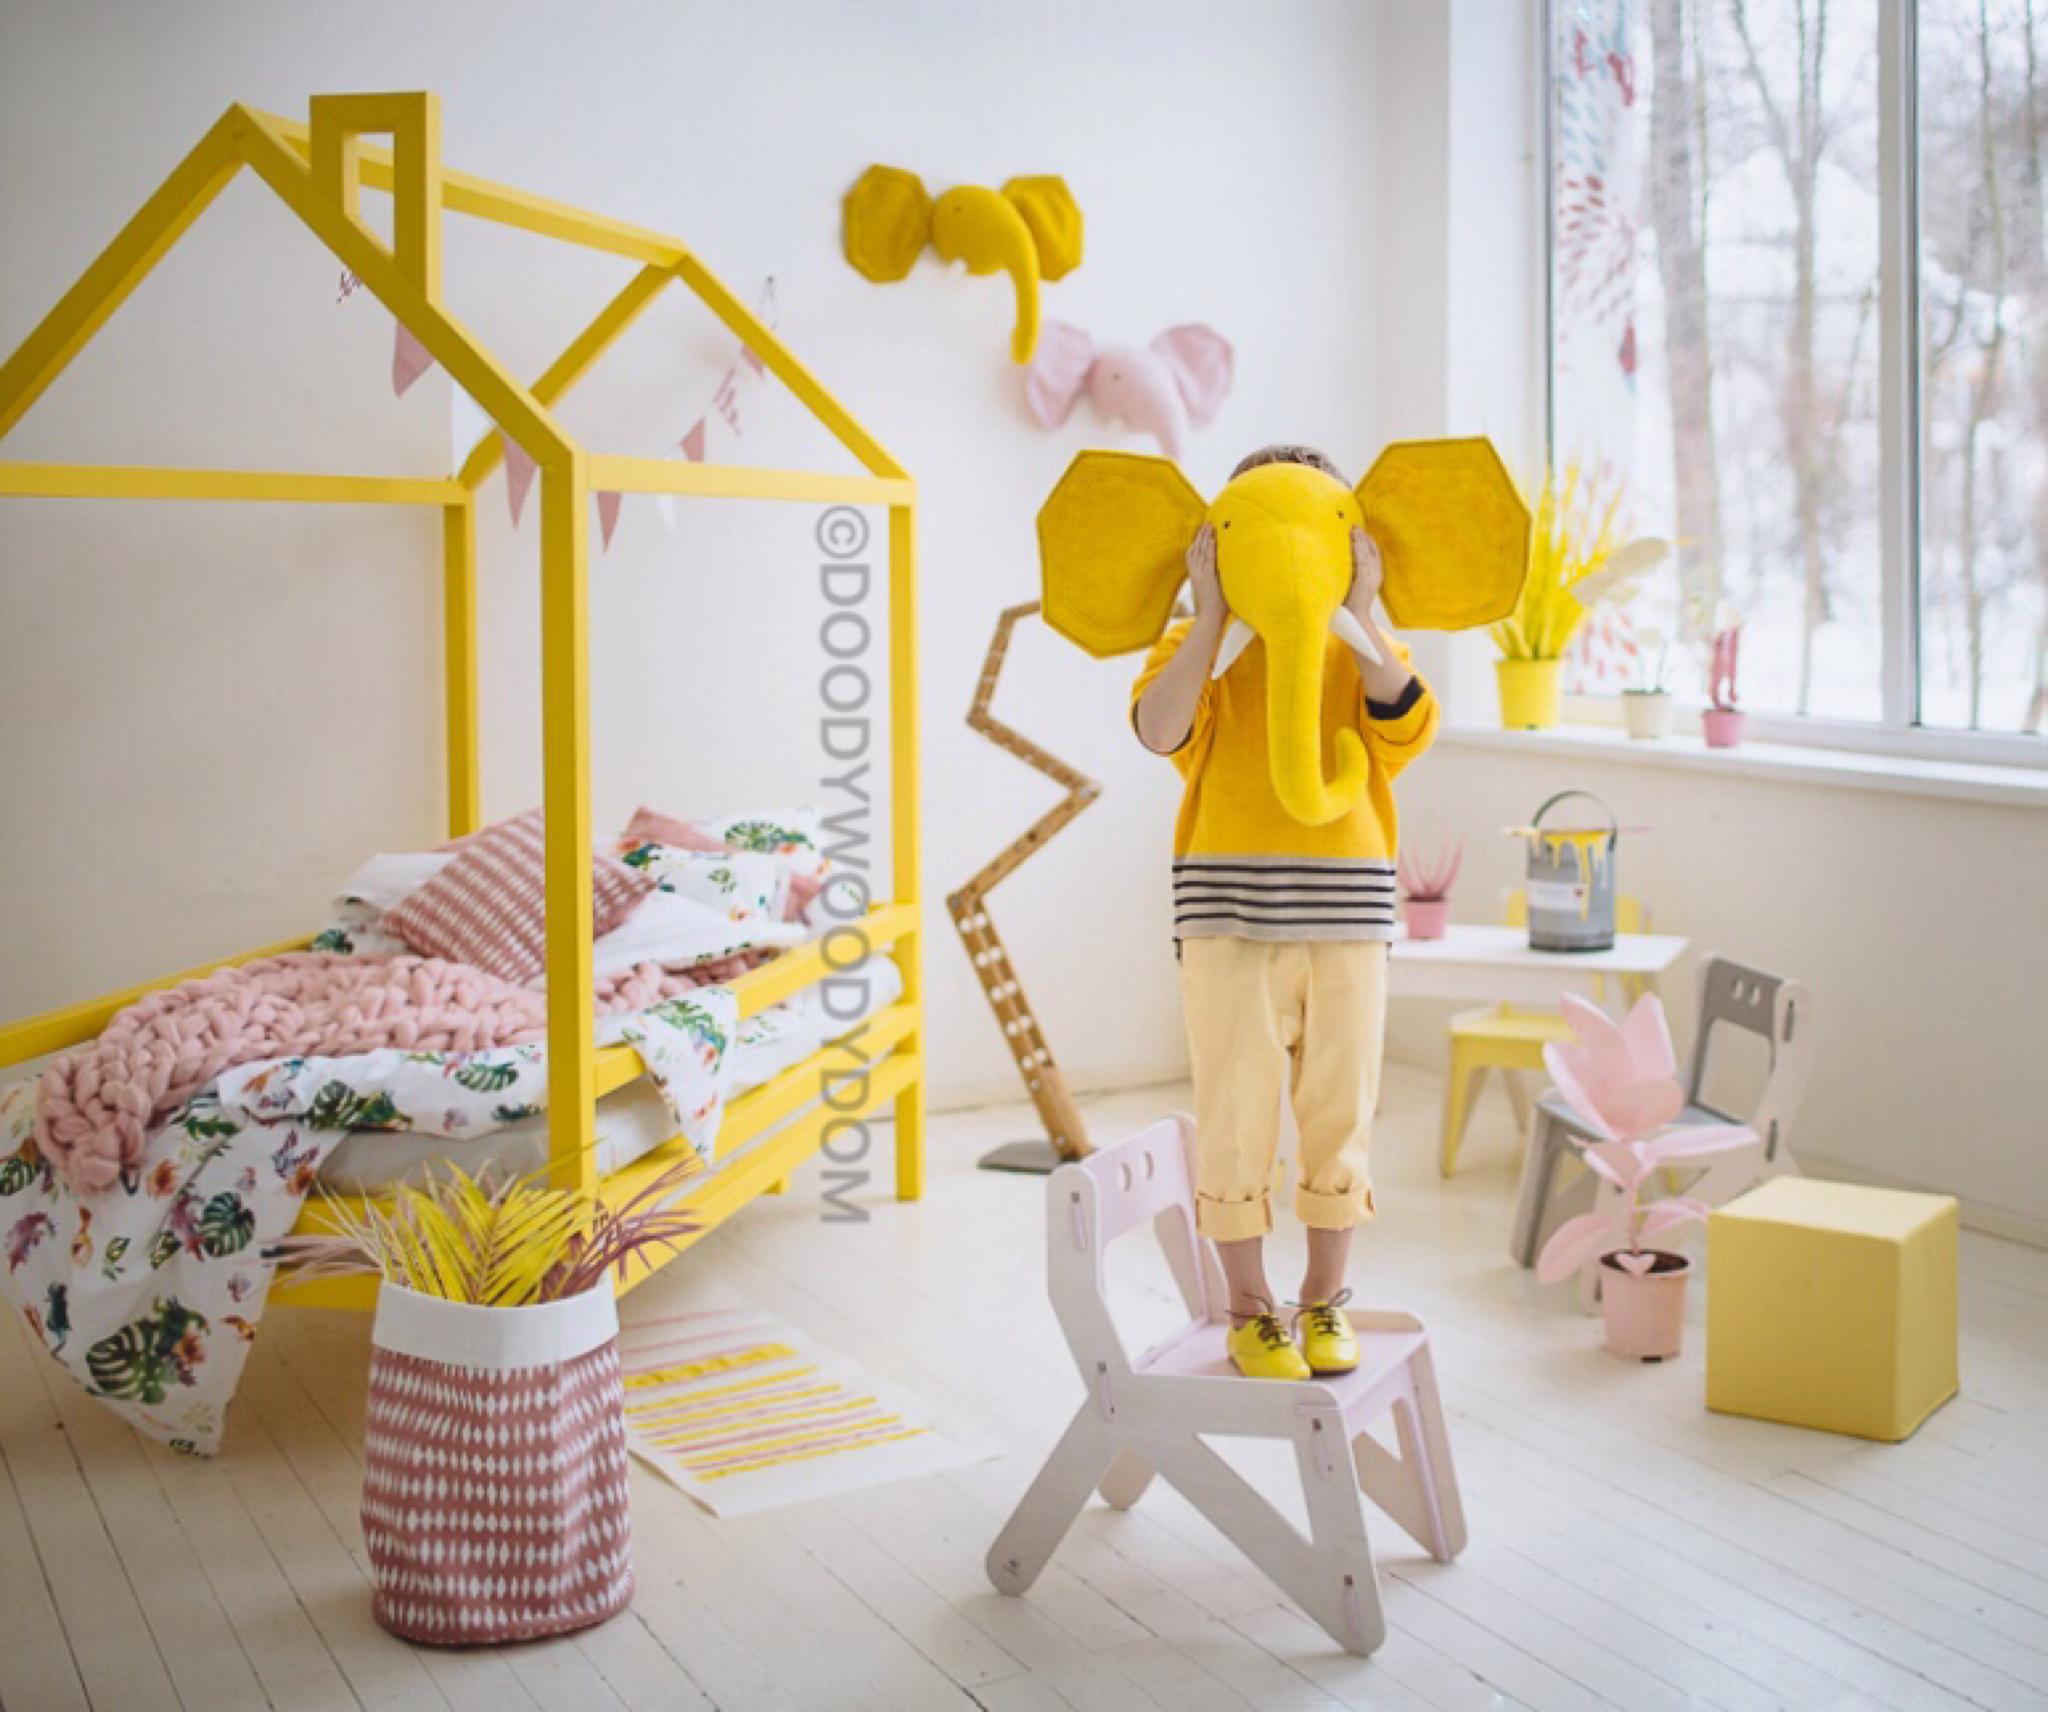 Желтая кровать домик